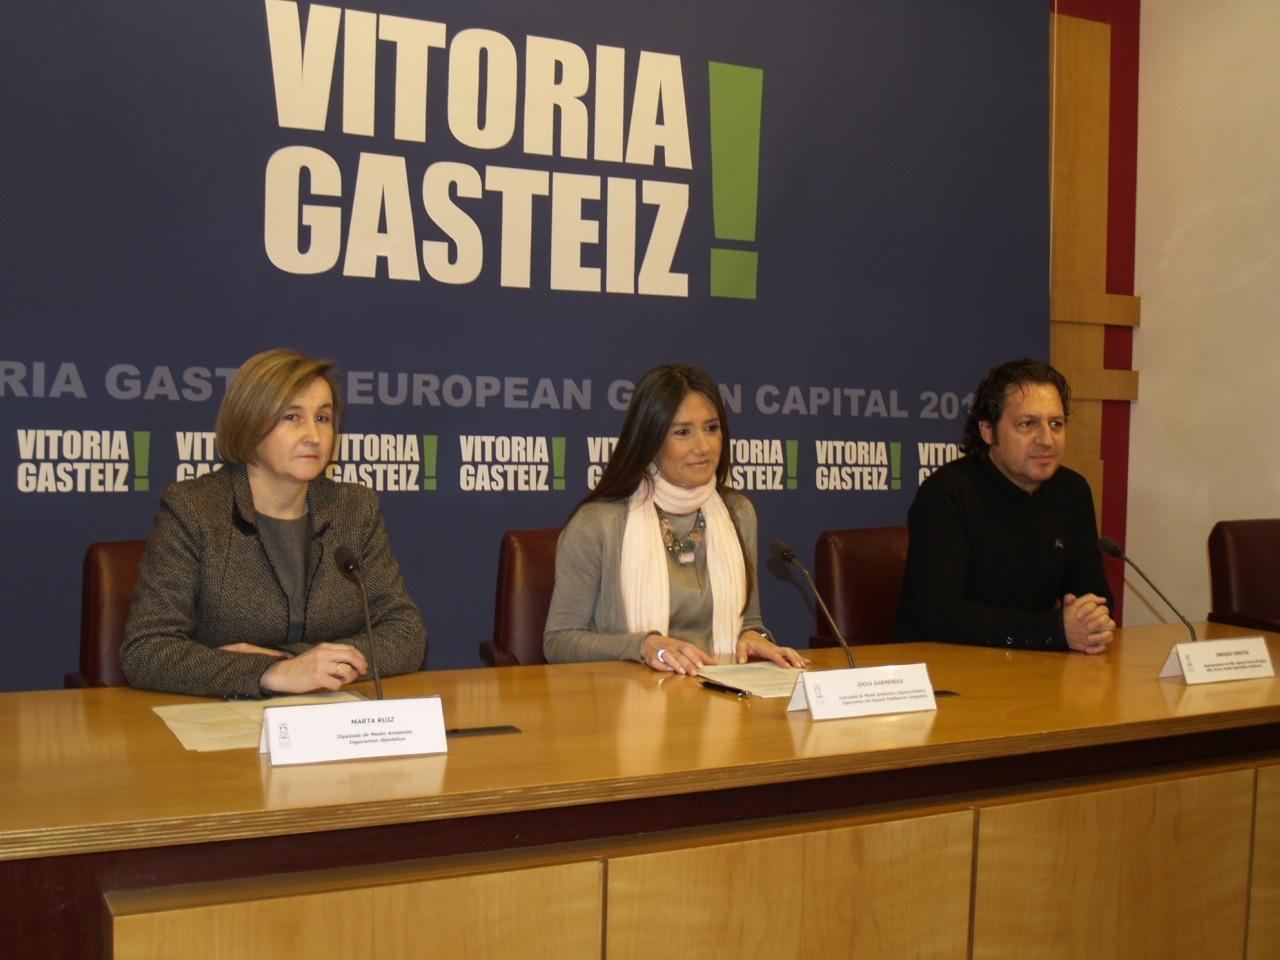 Vitoria acogerá entre el 20 y 22 de marzo un Encuentro Internacional sobre gestión del agua y desarrollo urbano